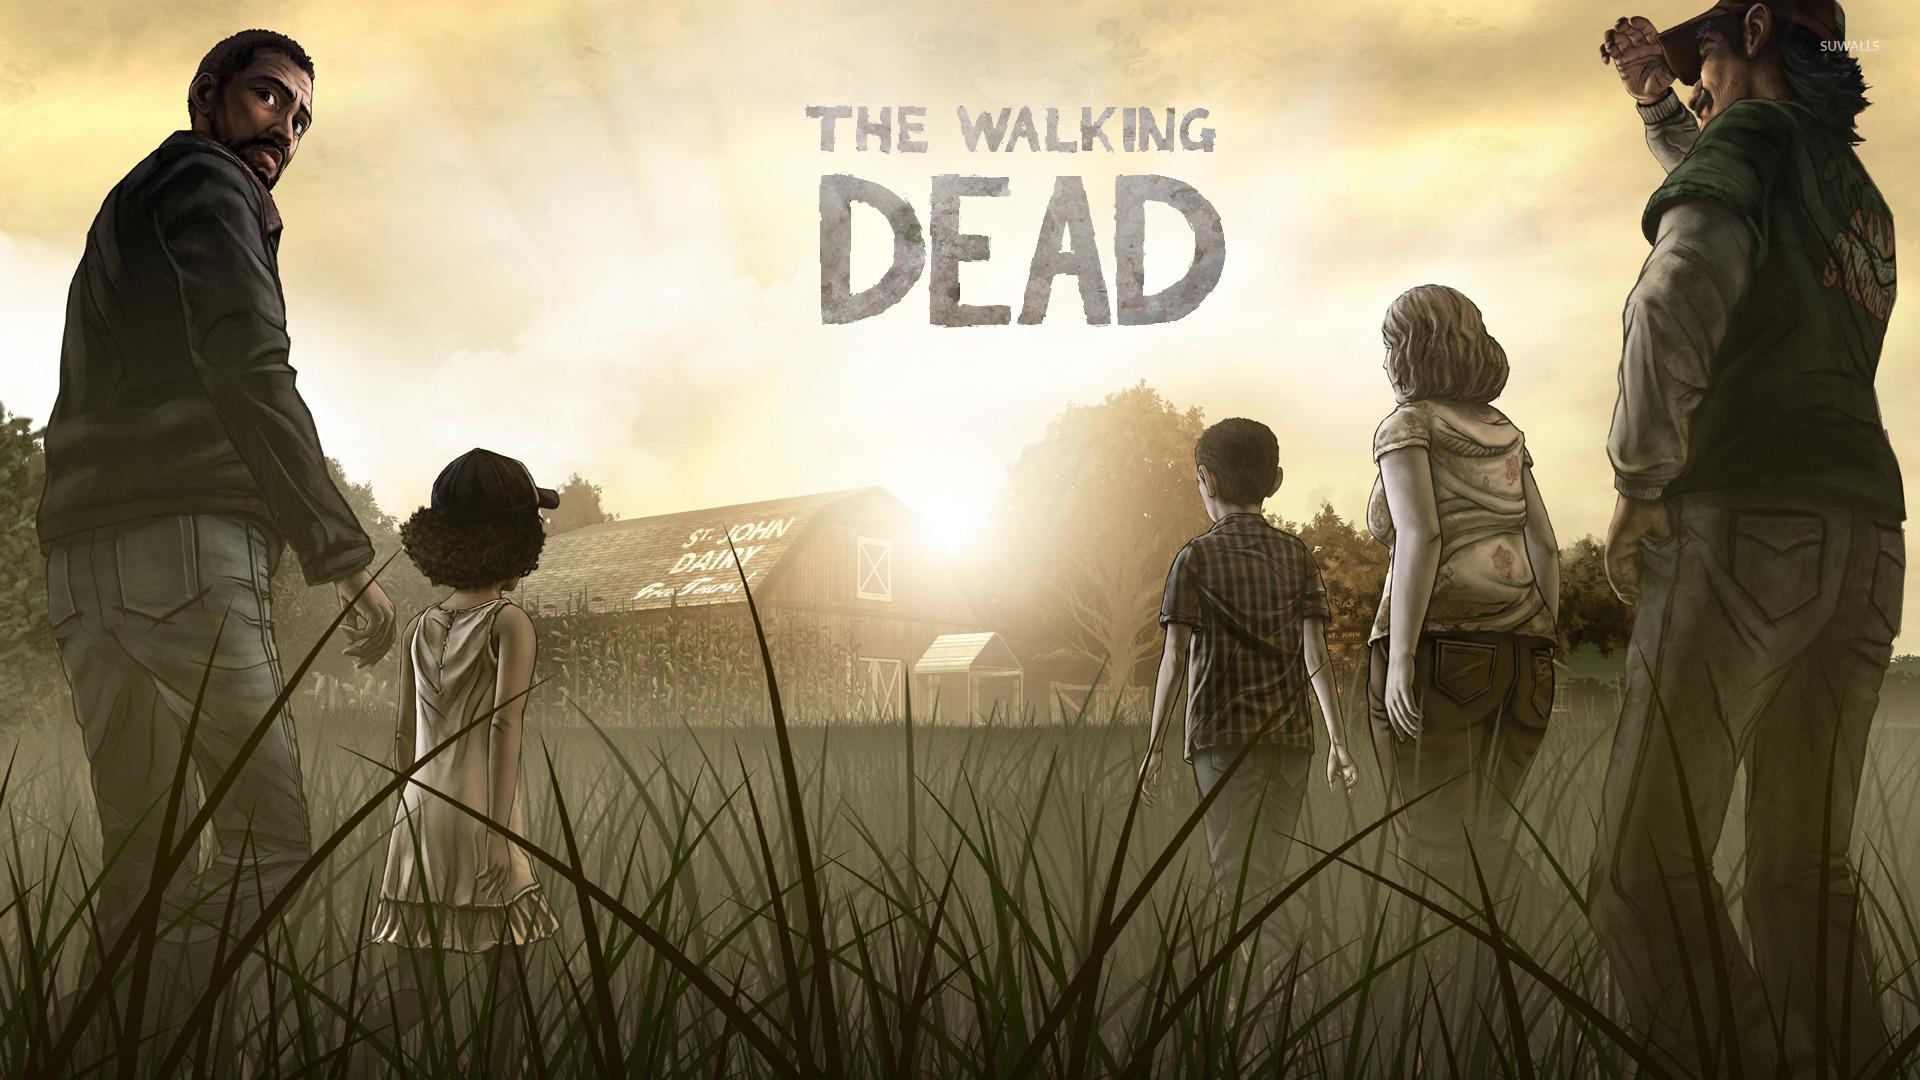 The Walking Dead 6 Wallpaper 1920x1080 Jpg